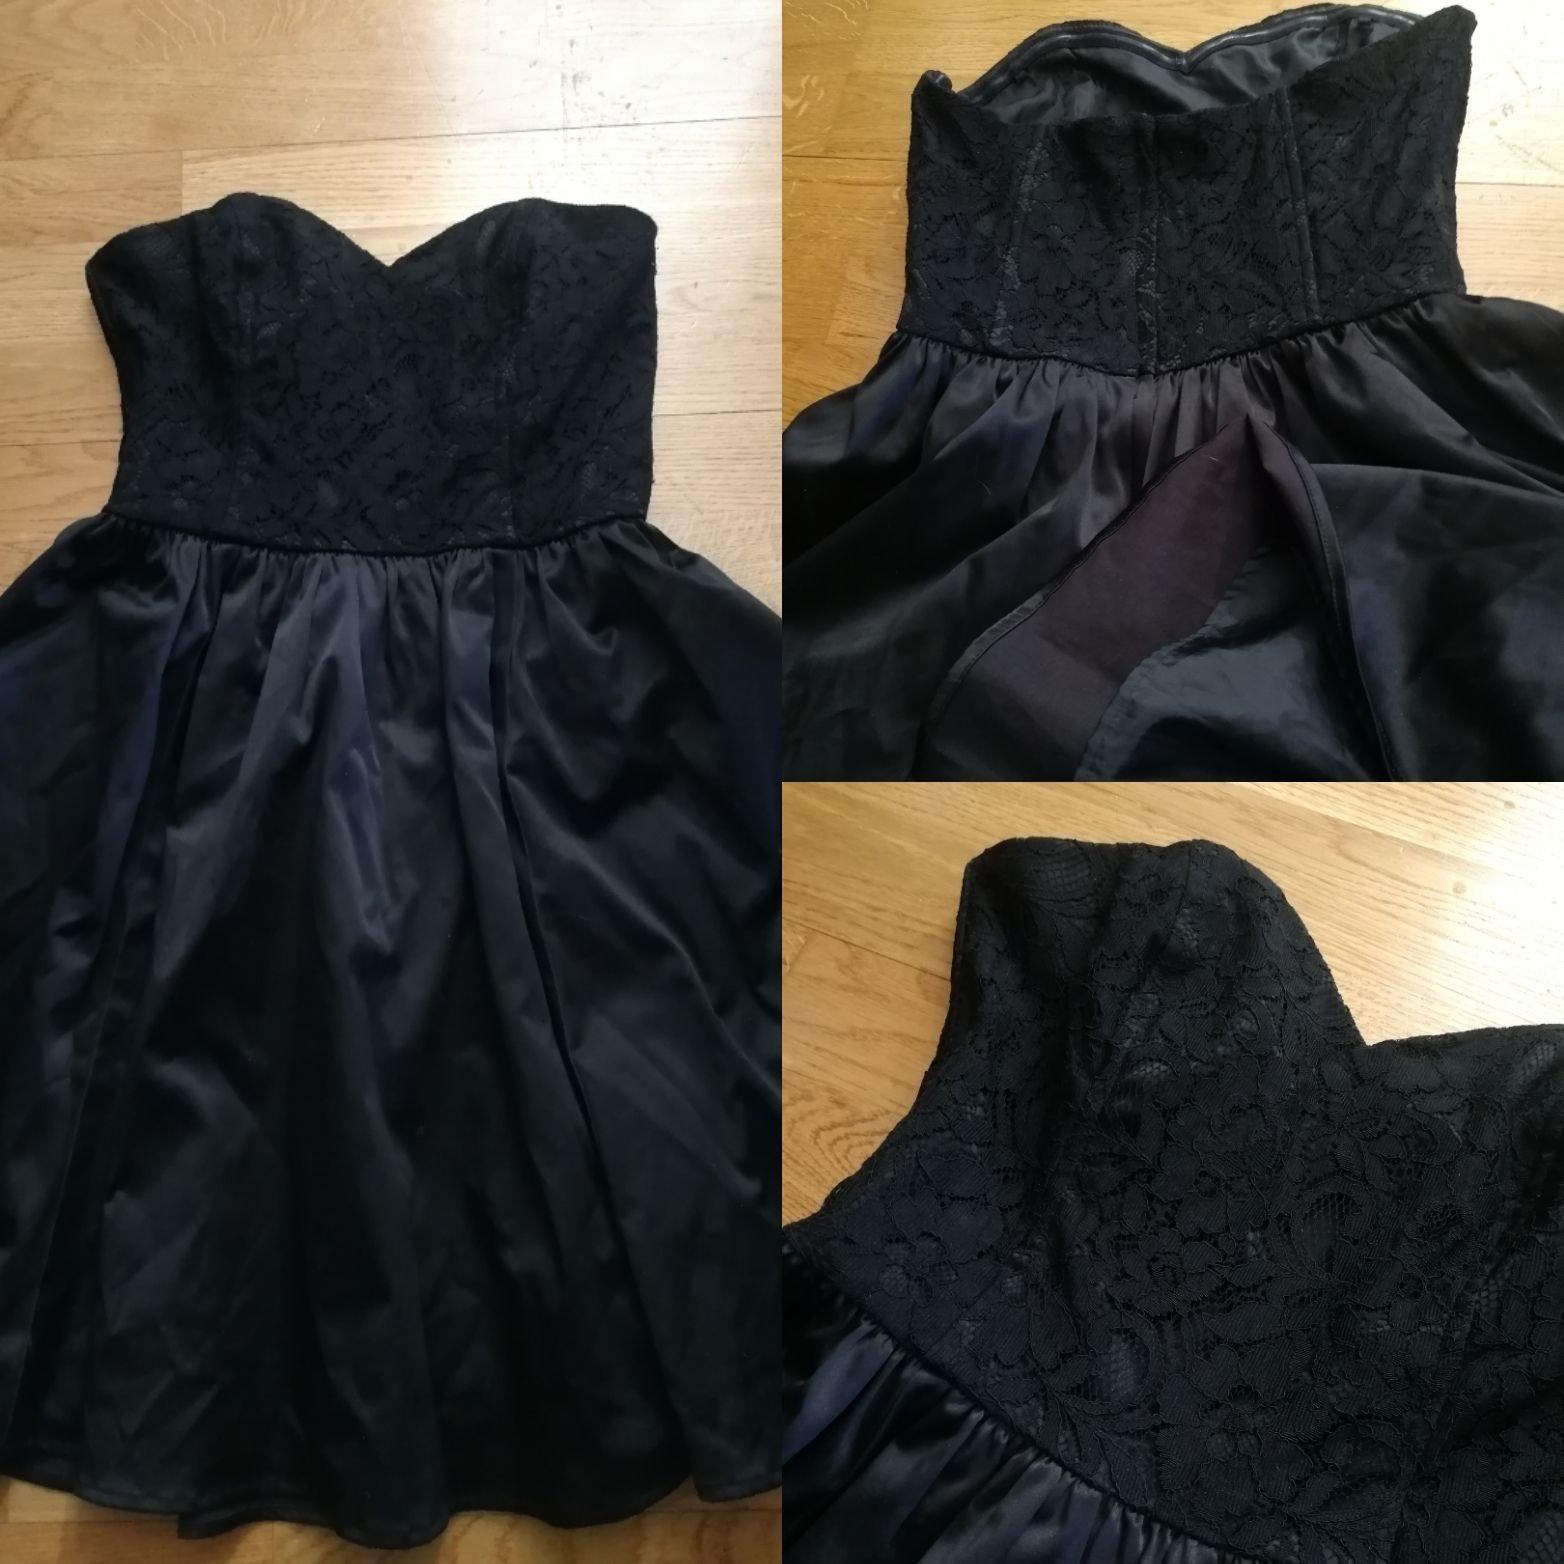 81d4f21ff255 Svart kort festklänning i siden och spets (348444634) ᐈ Köp på Tradera